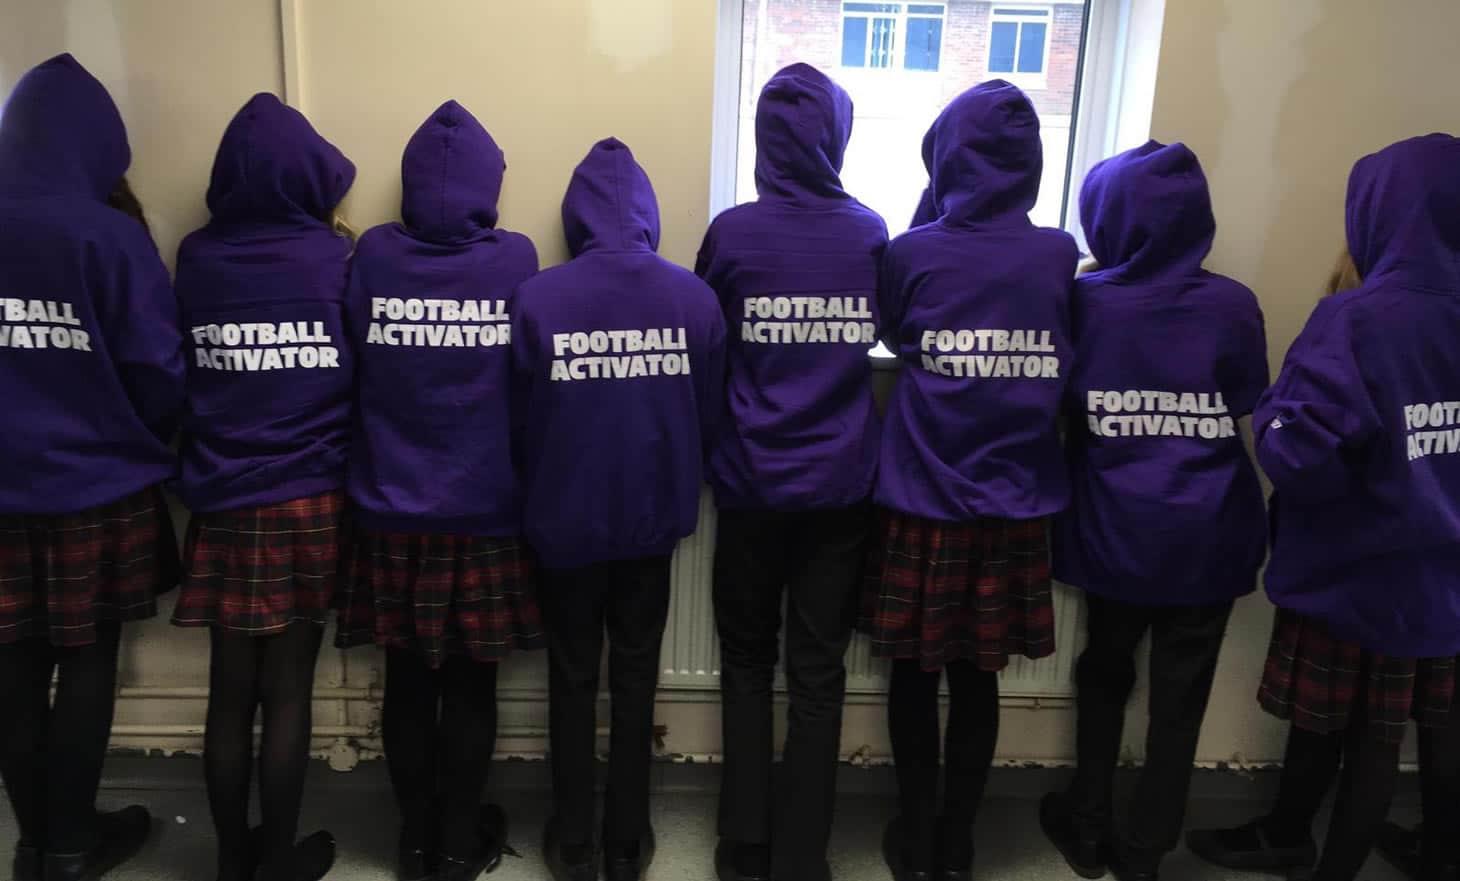 Football activators